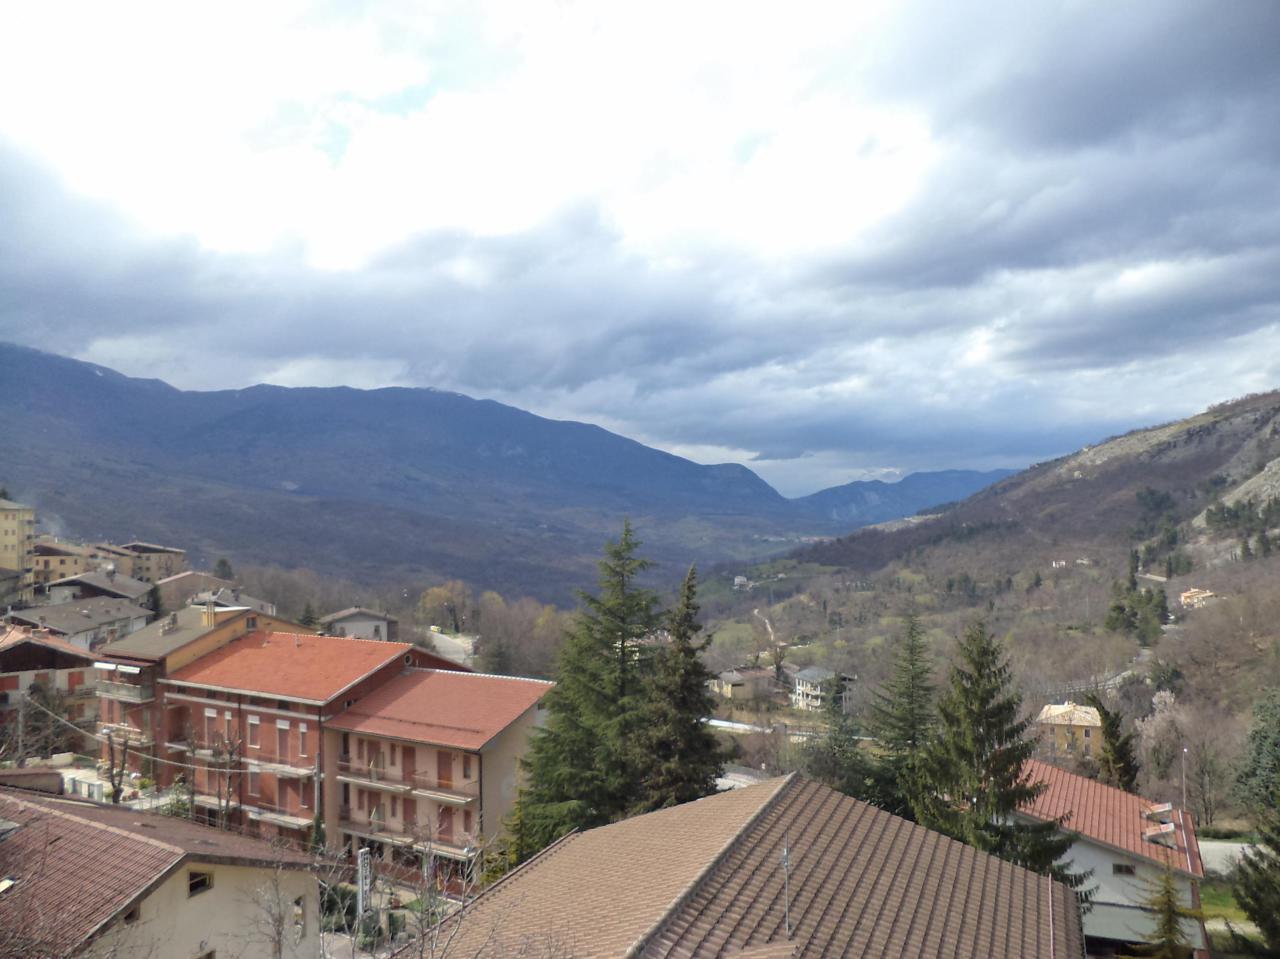 Appartamento in vendita a Caramanico Terme, 5 locali, prezzo € 83.000 | PortaleAgenzieImmobiliari.it